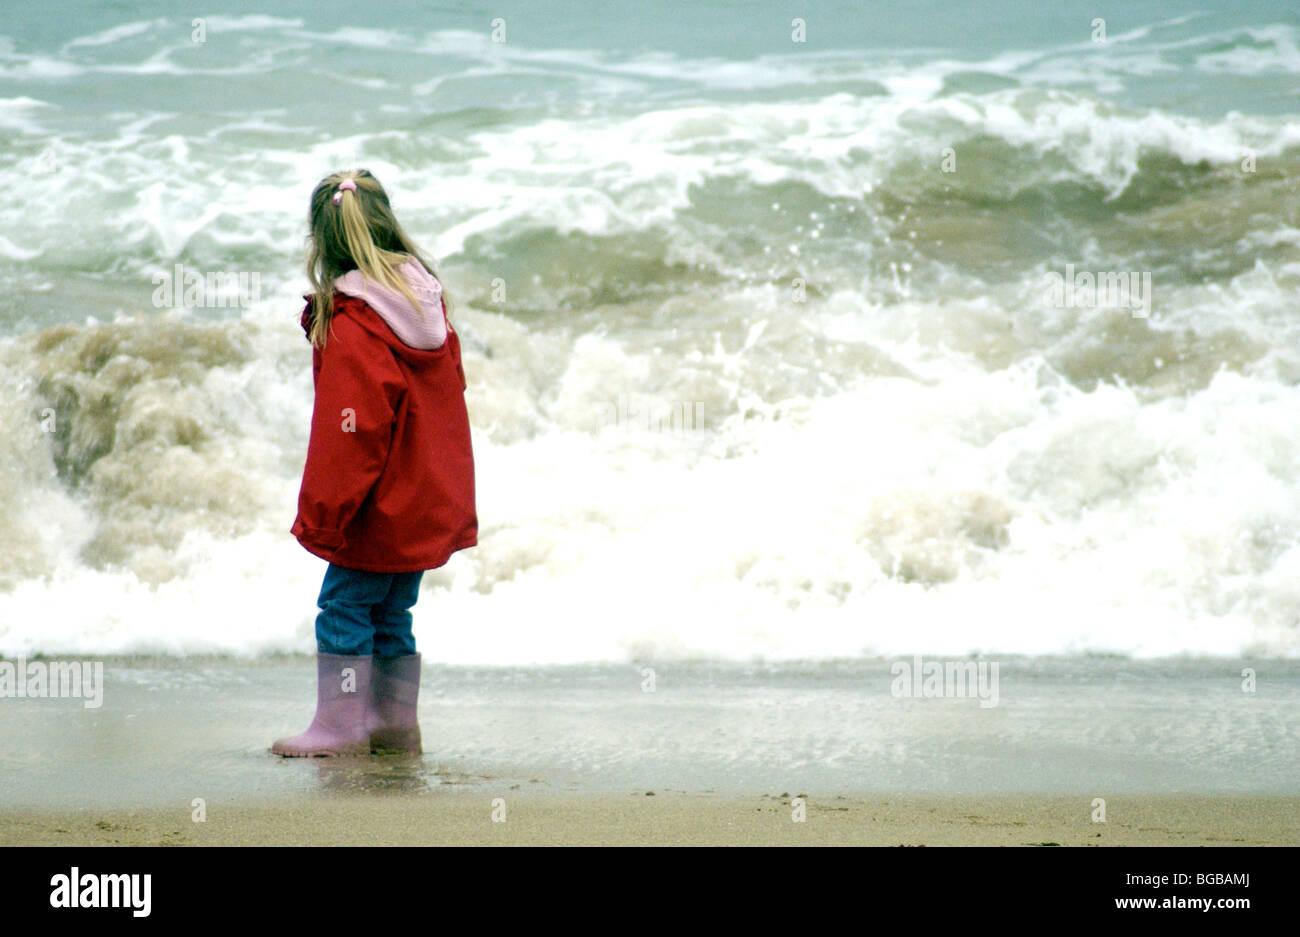 Jeune fille à la recherche à une grosse vague sur la plage en hiver. Banque D'Images